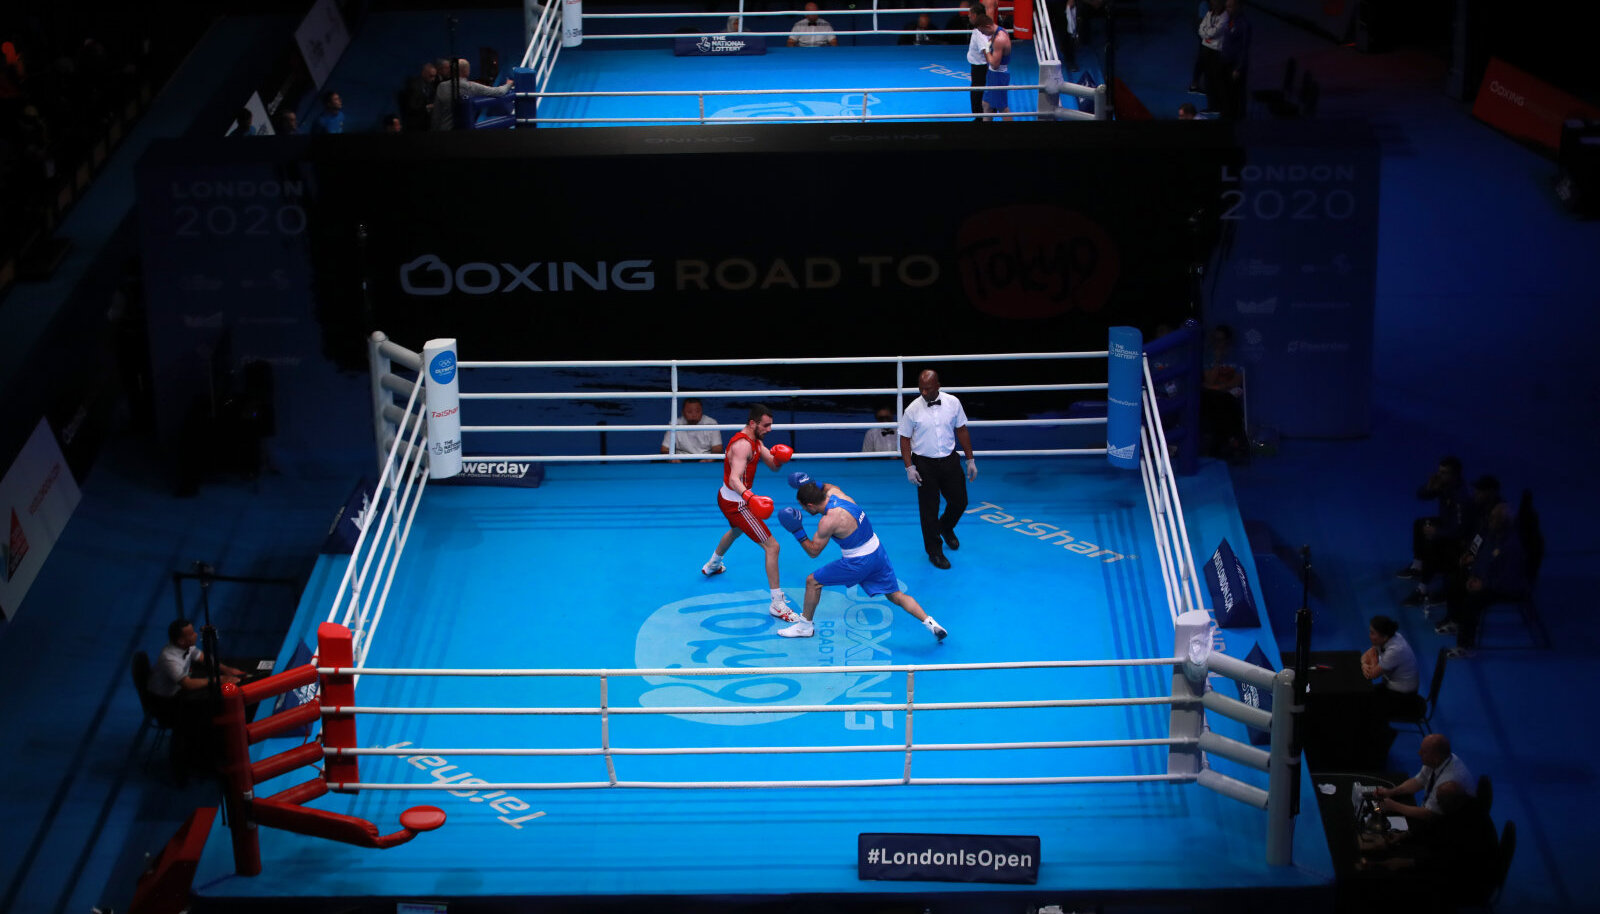 Londonis peetud poksi olümpiakvalifikatsiooniturniir.